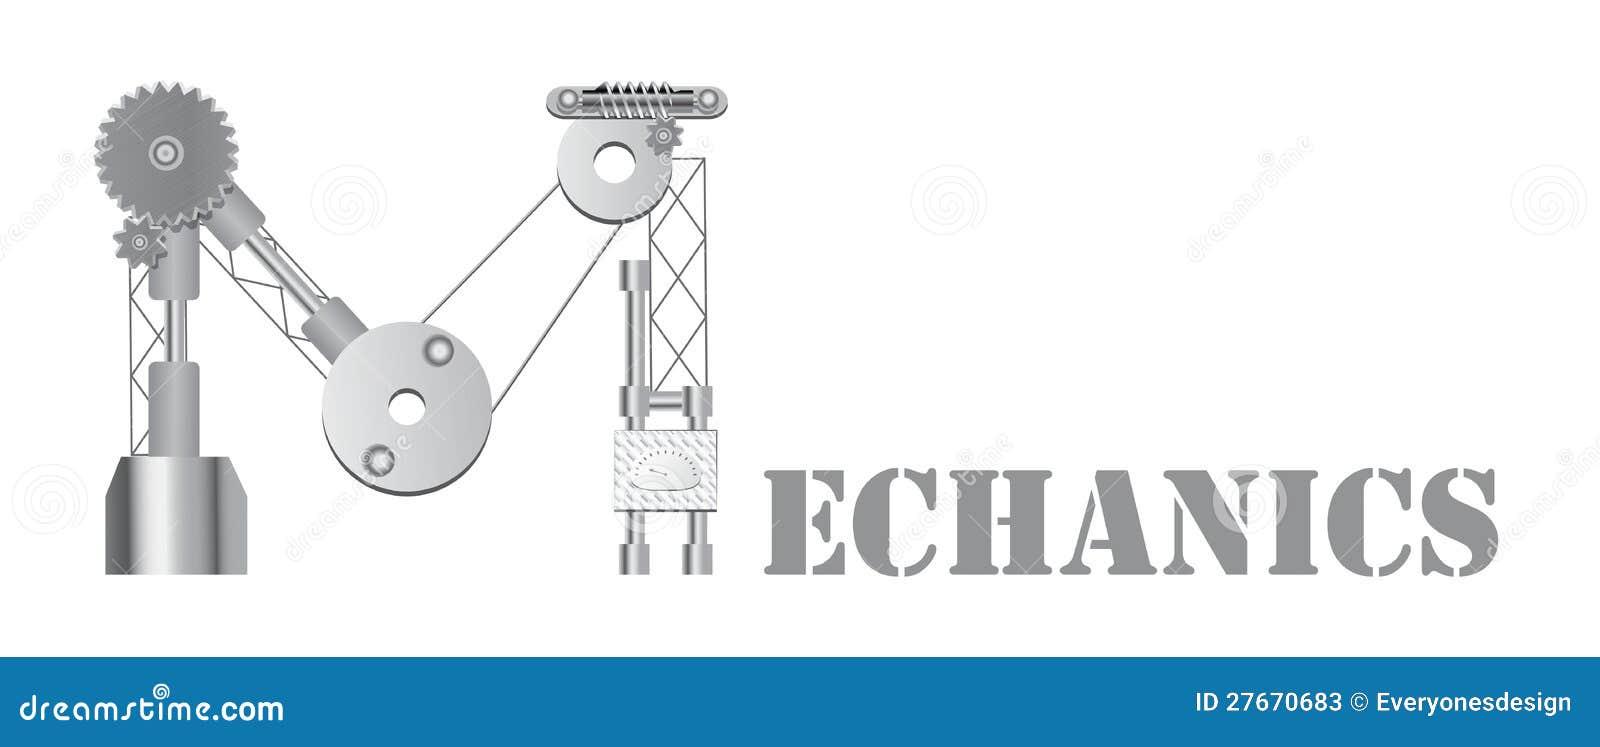 Insignia de los mecánicos